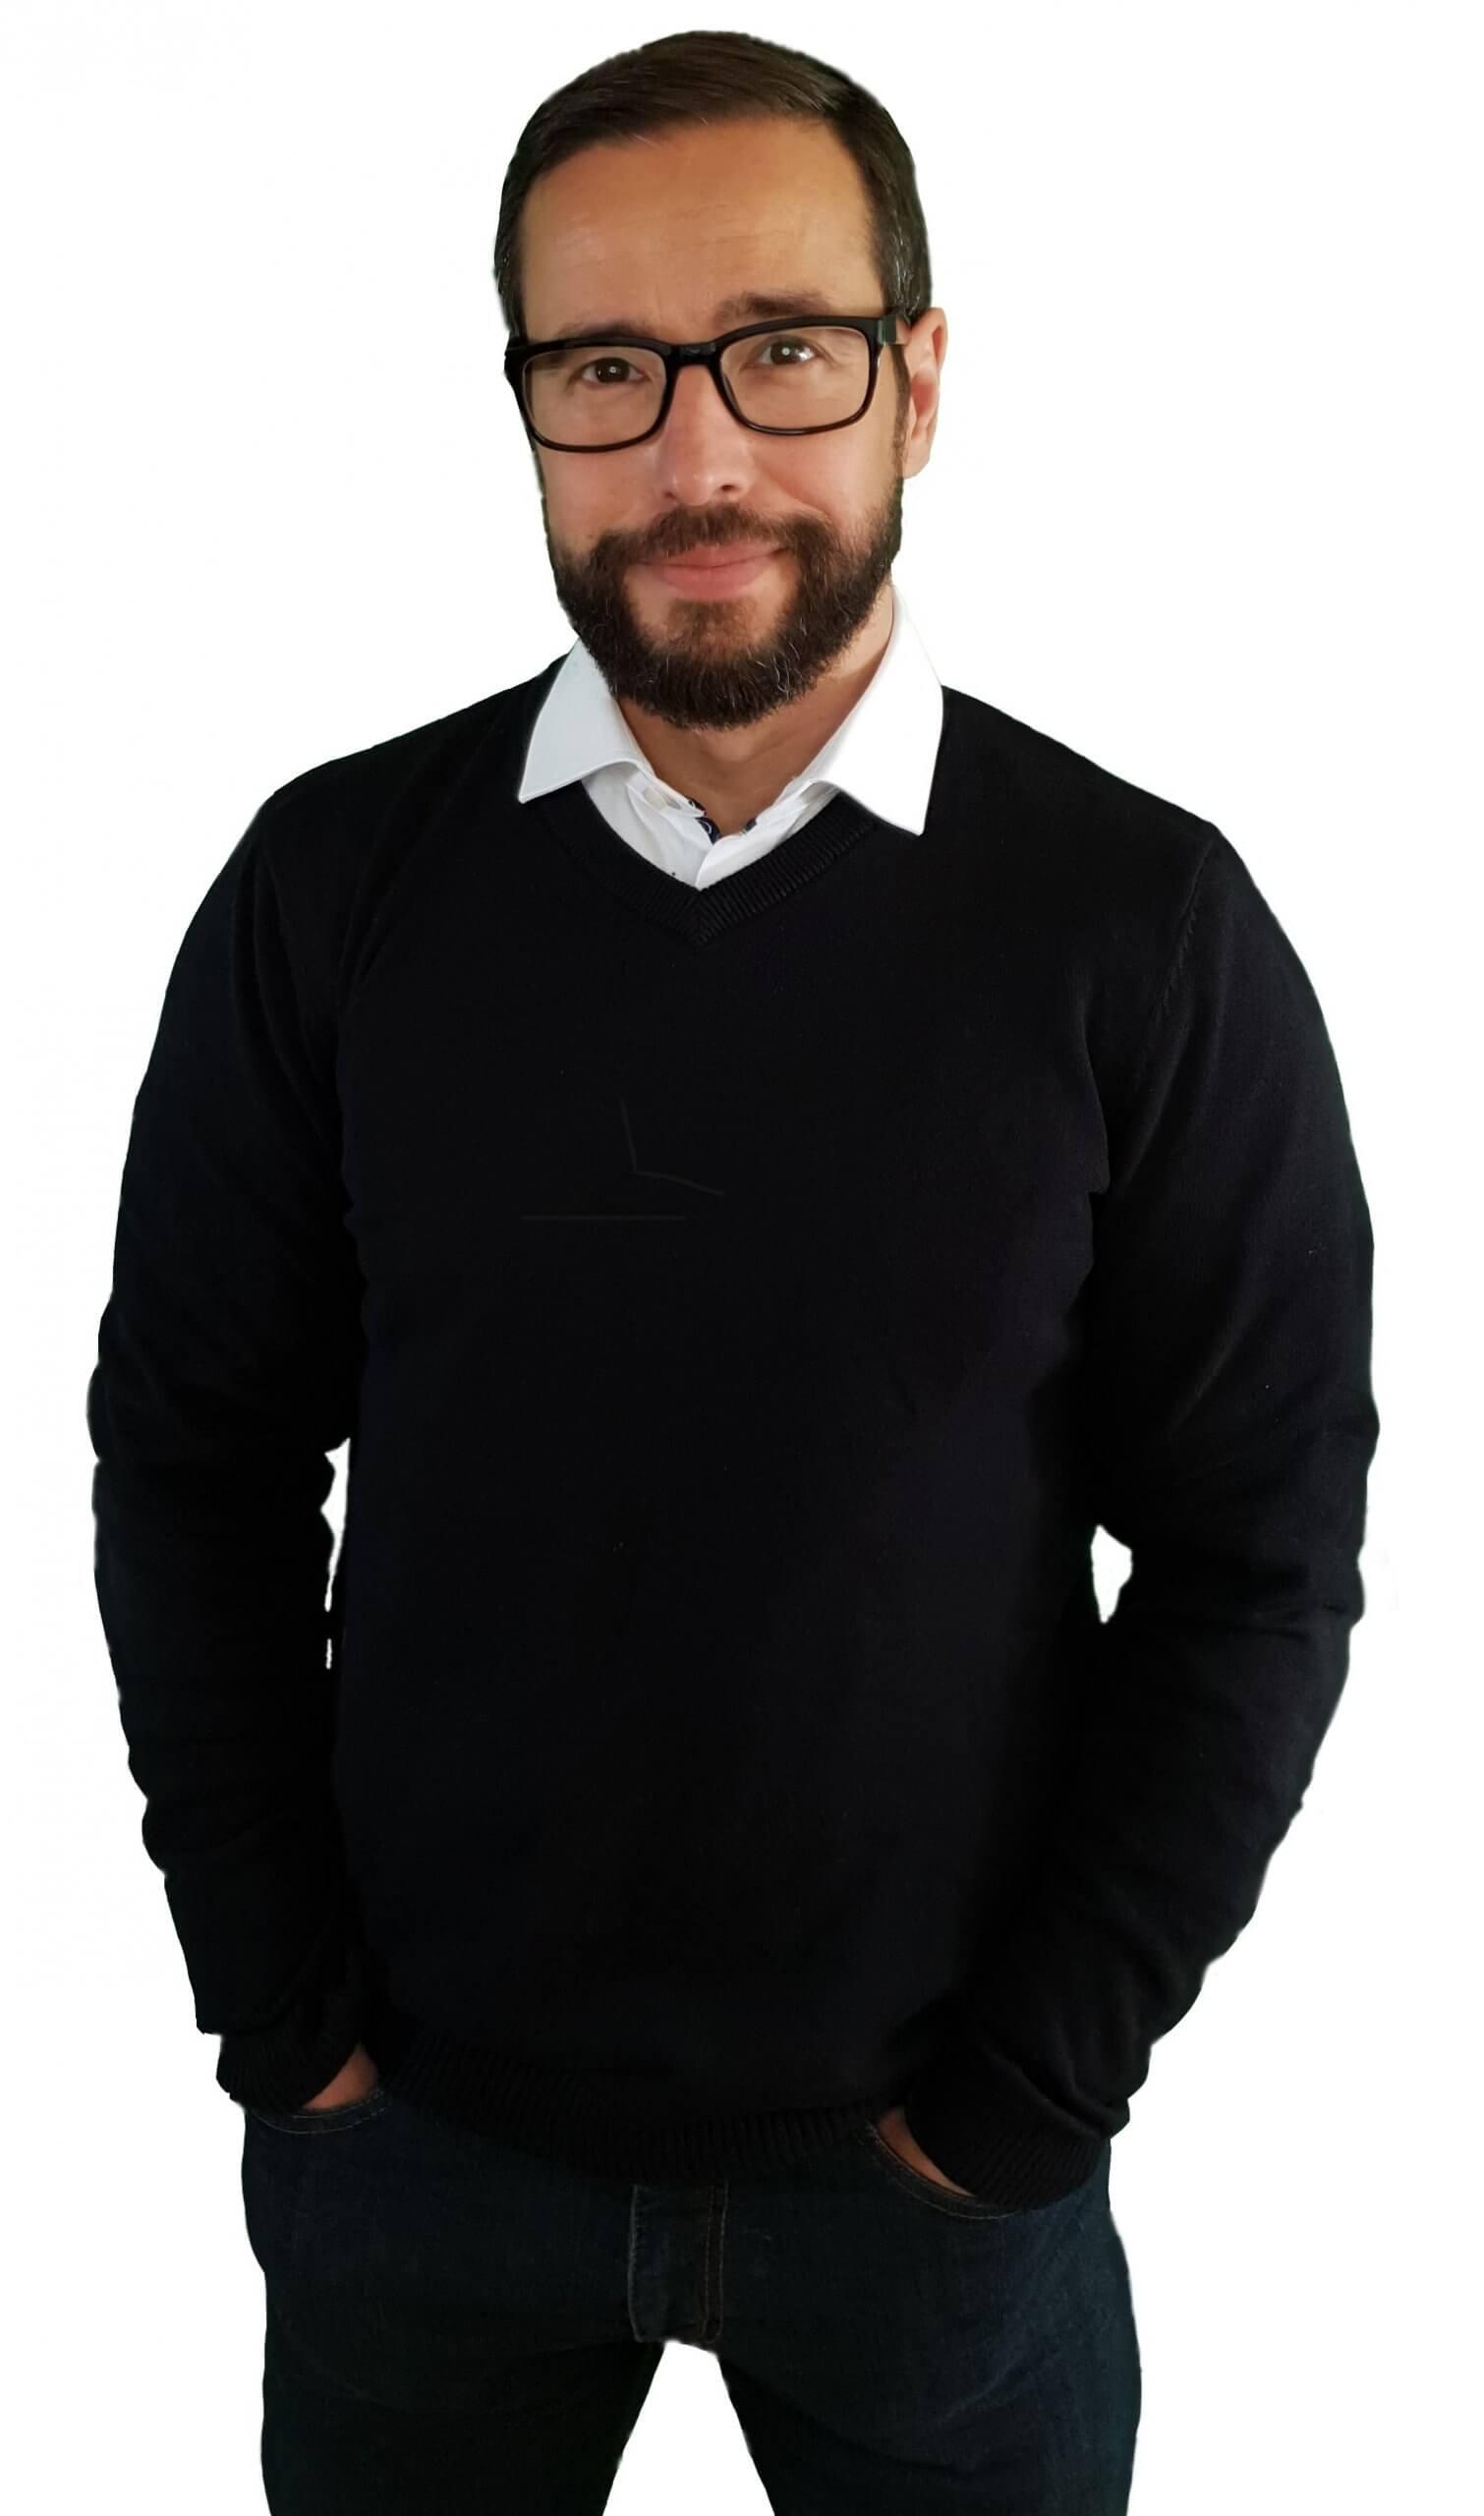 Daniel Kottke - Trainer und Coach